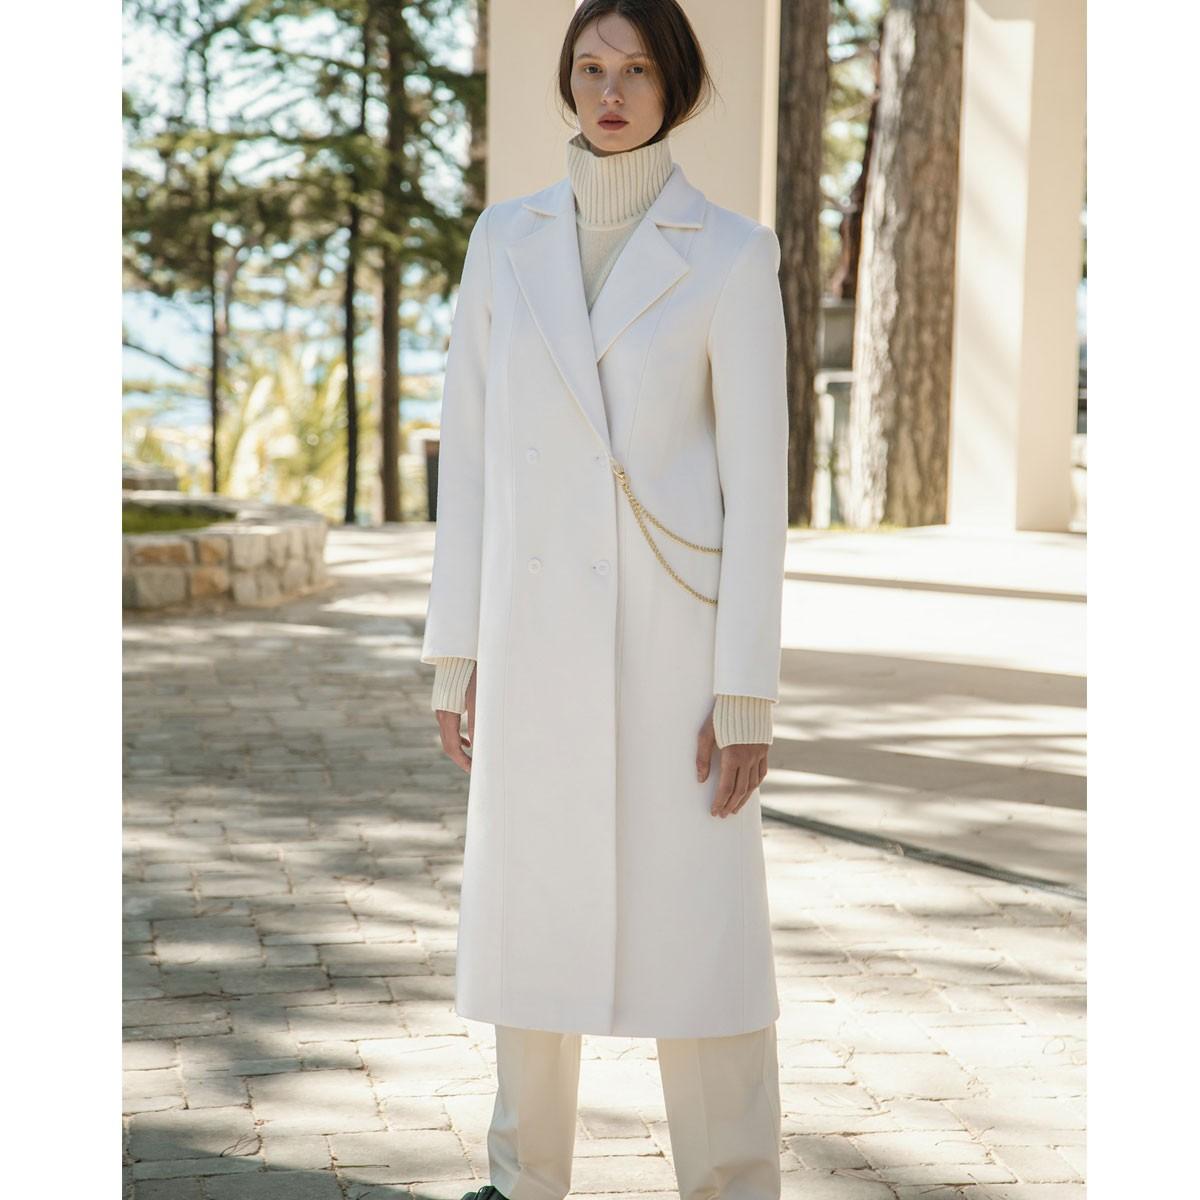 Пальто L.A.B. by Ternovskaya купить в интернет магазине Украина